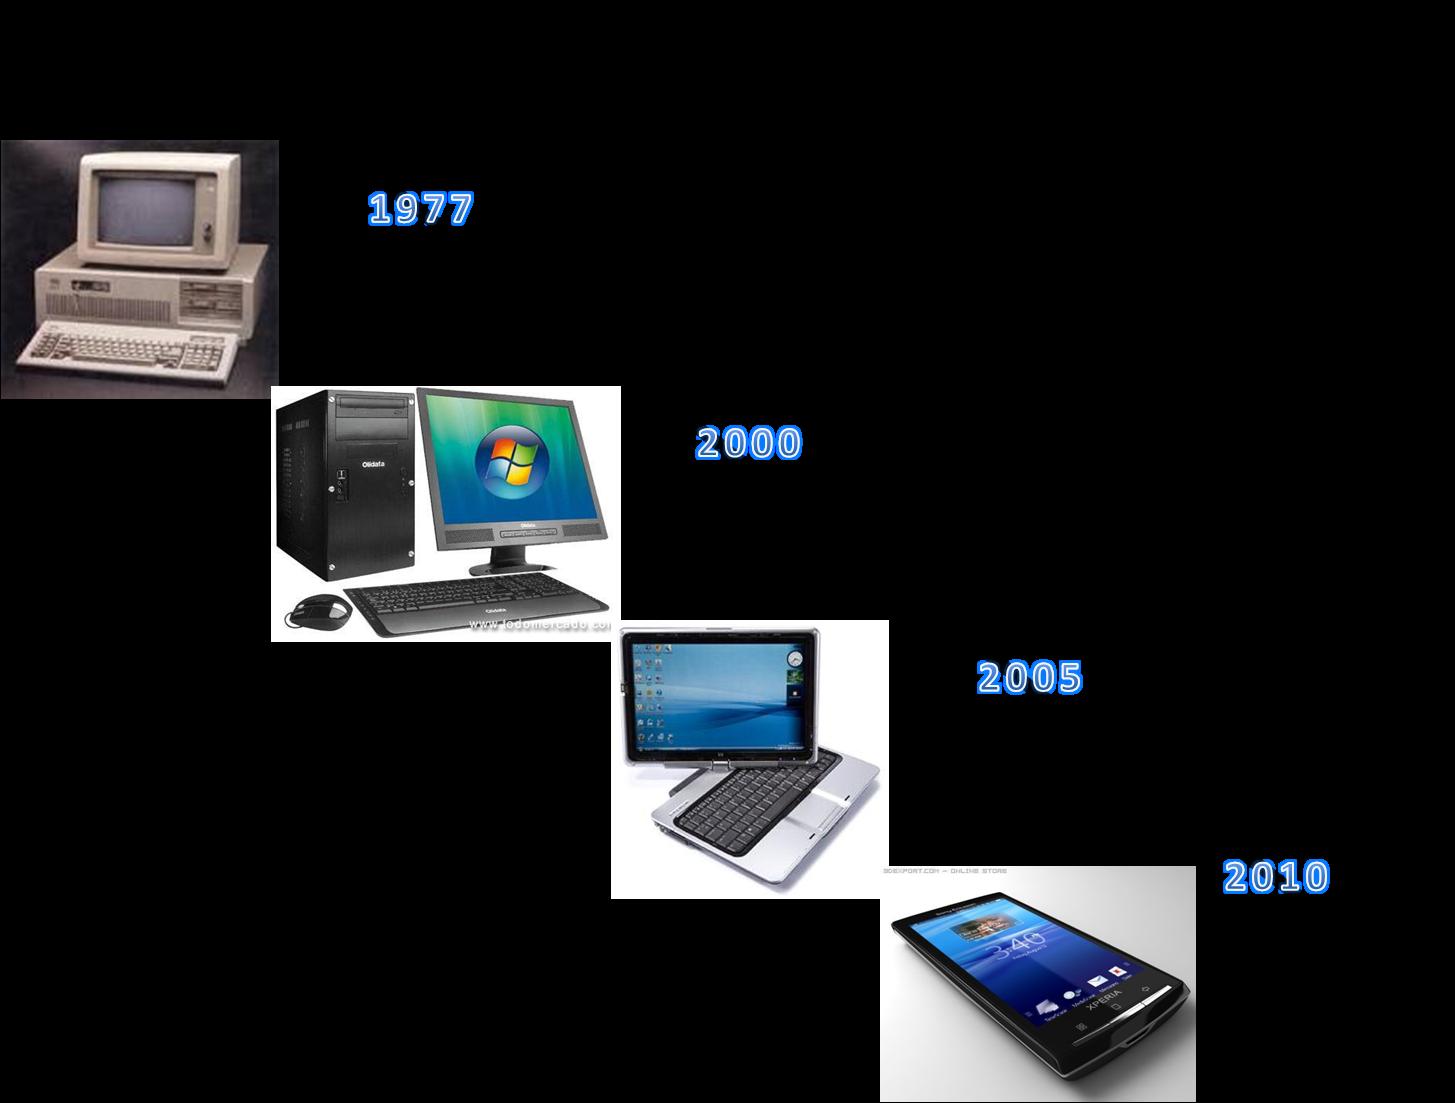 El comunismo y la Tecnologia - Página 2 Imagen2